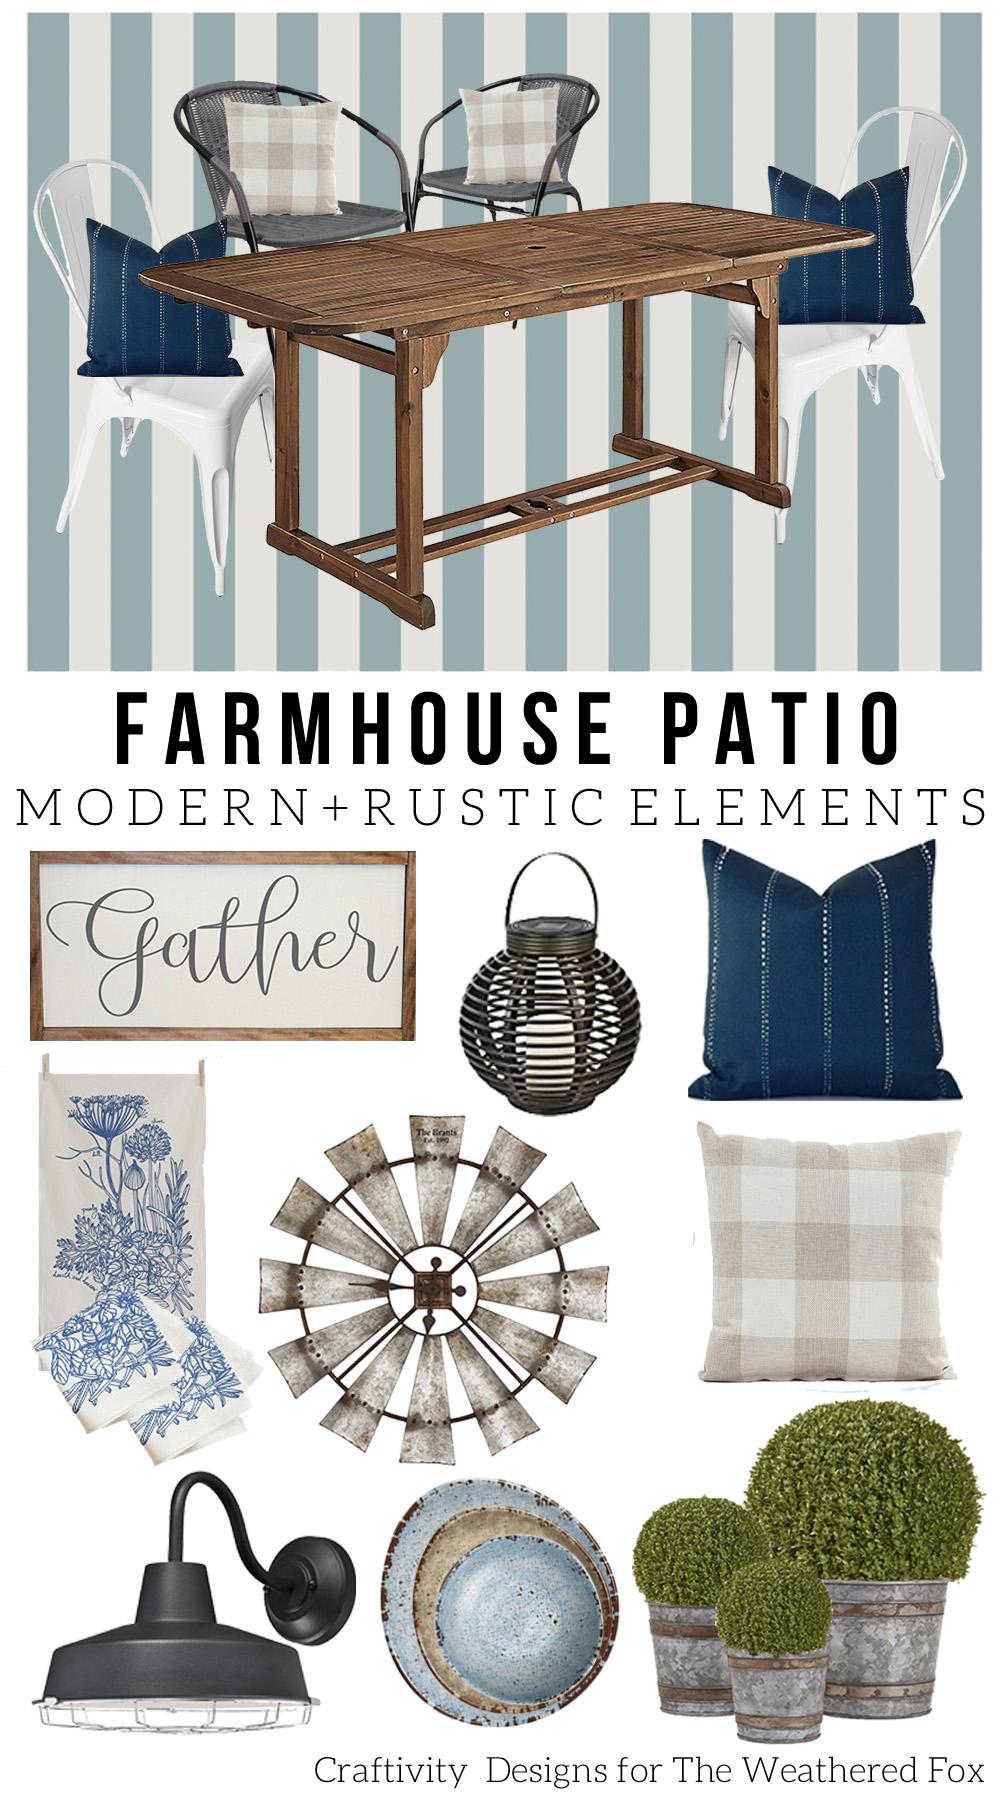 Farmhouse Patio Design Board, Mood Board